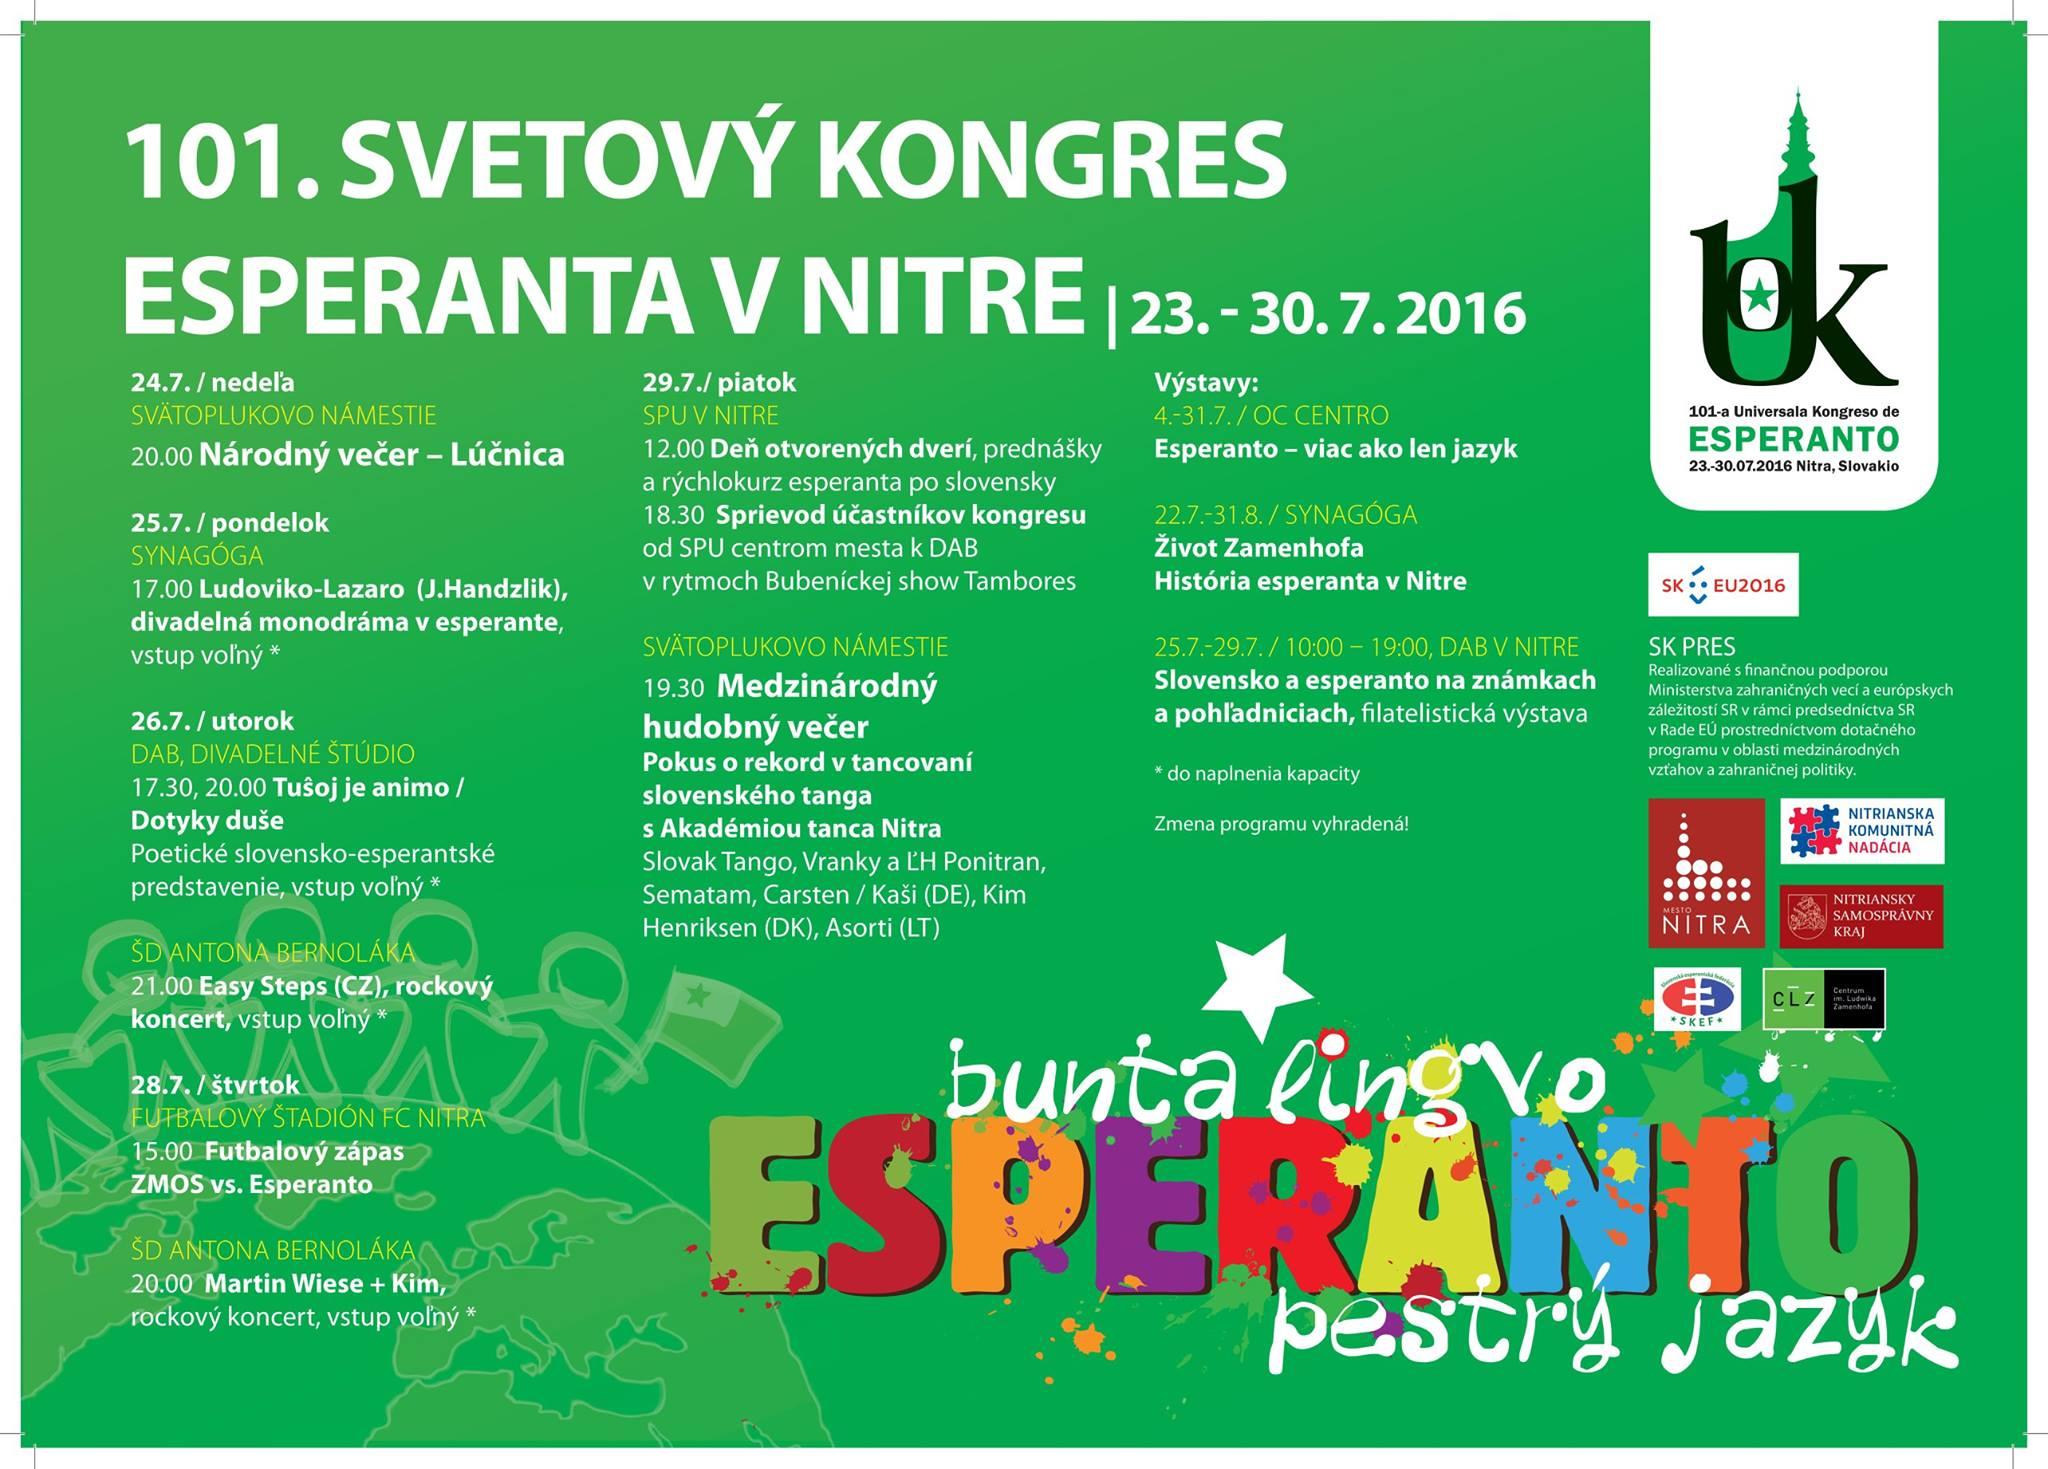 8ba994df5e 101. Svetový kongres esperanta - pozvánka n - Kam v meste